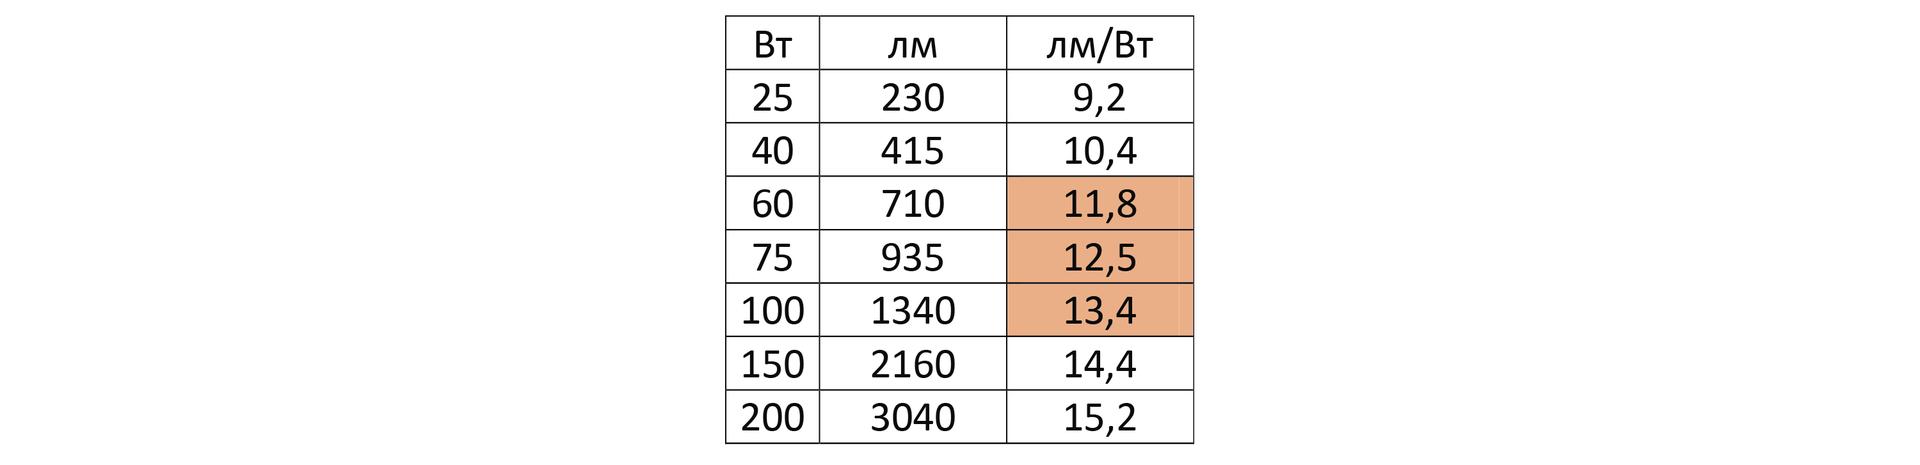 Как сравнить светодиодную лампу и лампу накаливания - 10